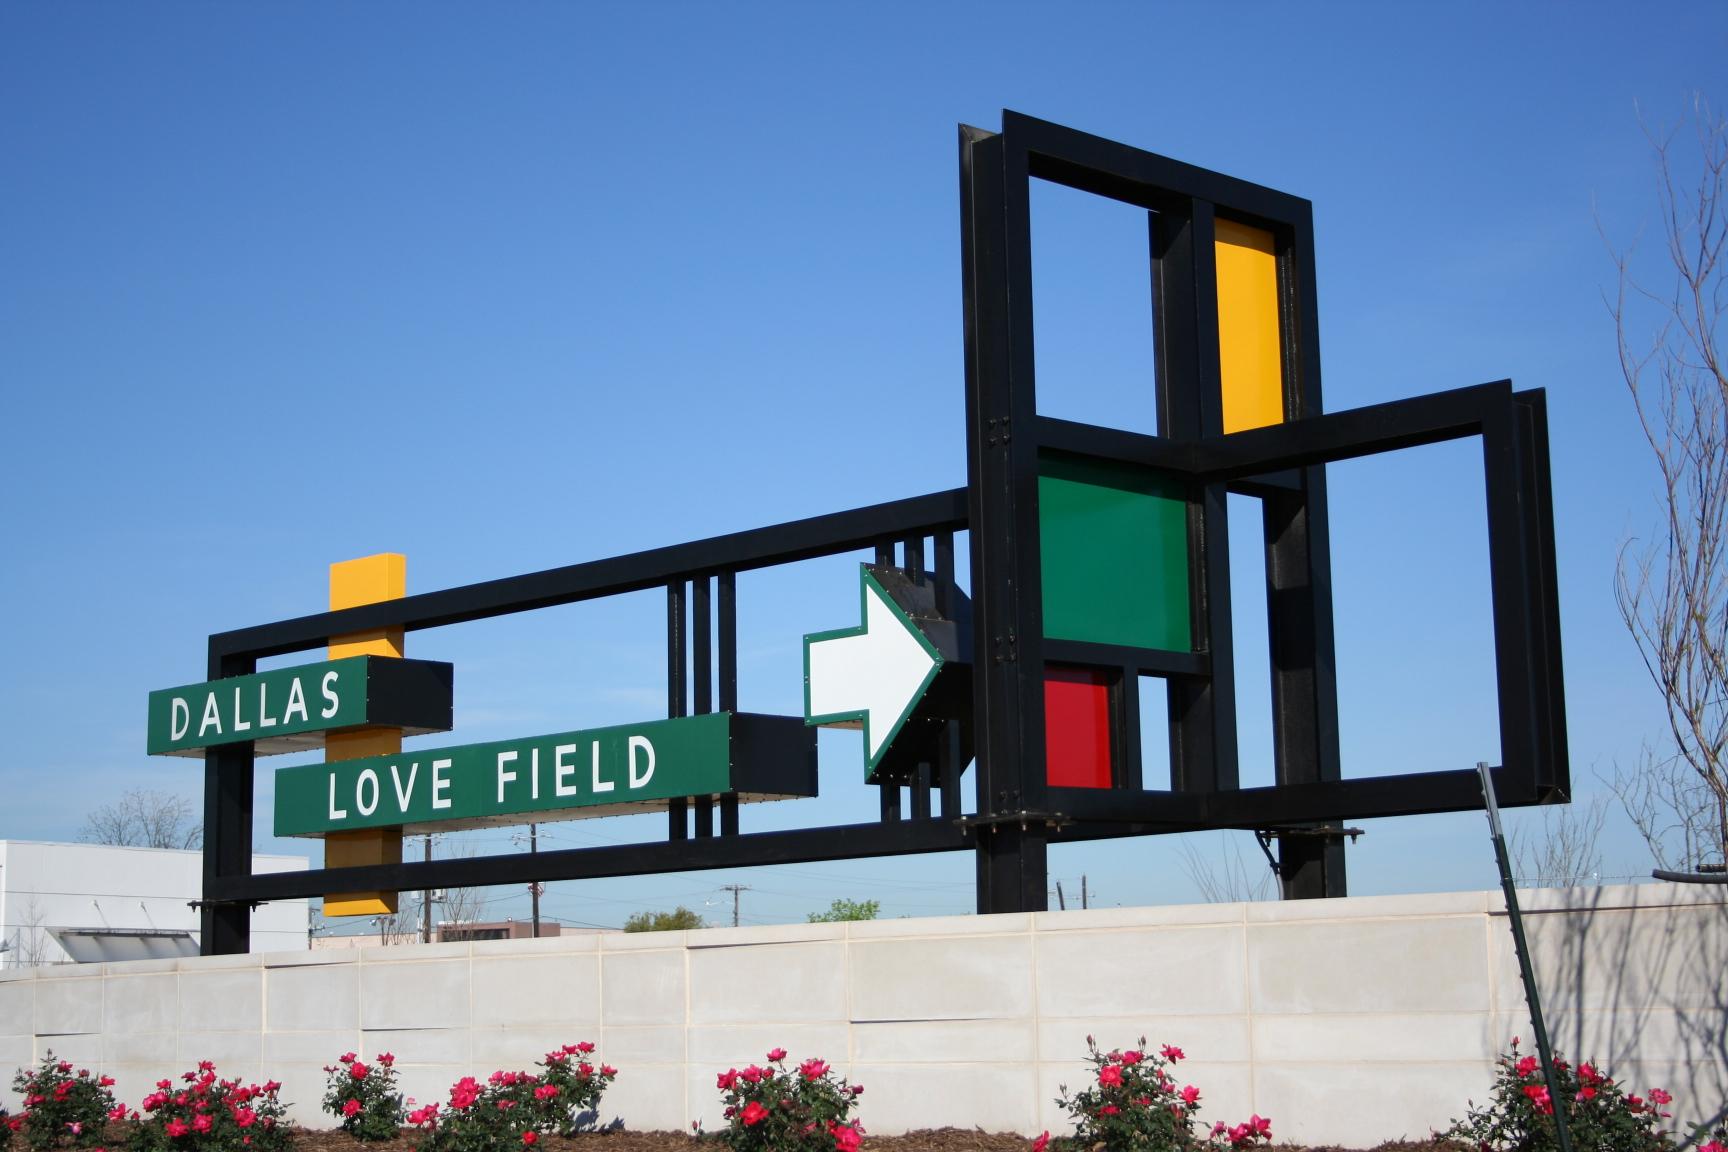 No. 4 Domestic: Dallas Love Field, Texas